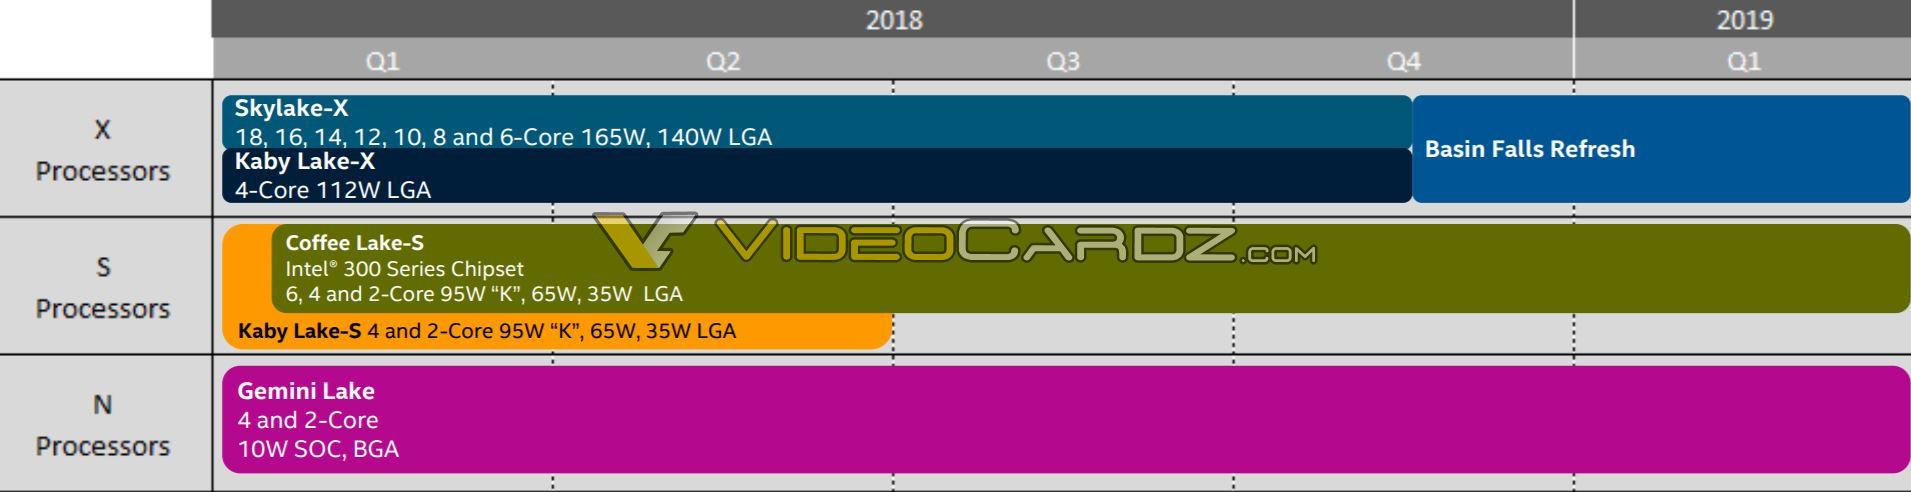 Intel Z390 chipset to replace Z370 this quarter - VideoCardz com